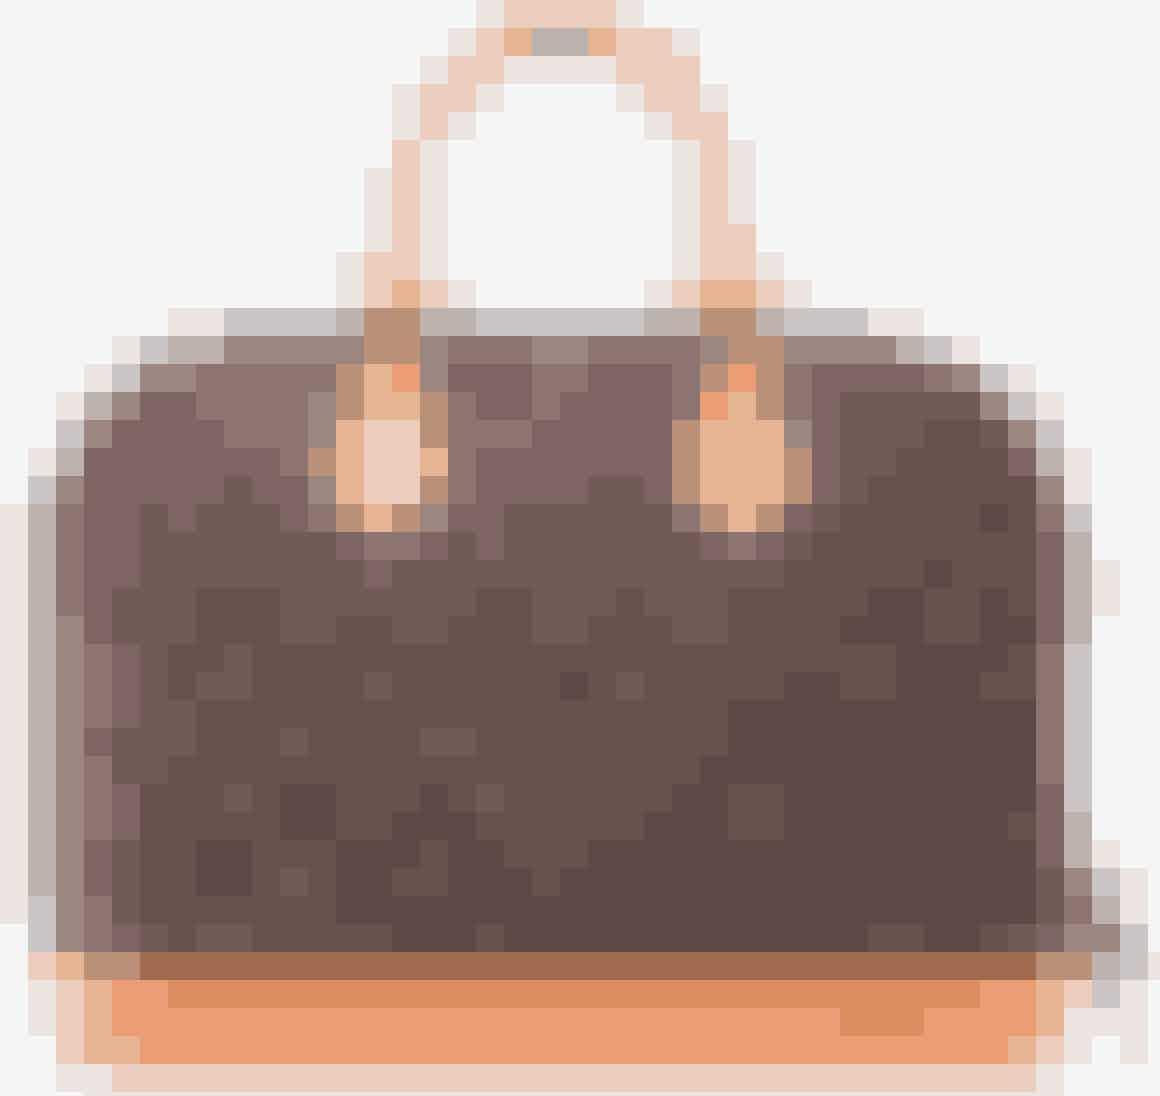 Louis Vuitton bruger en række forskellige materialer i deres omfattende sortiment af tasker og tilbehør. Mest fremtrædende er de signaturbelagte lærred. Den coatede lærred skal have en svag tekstur og være vandskyende og formbar.